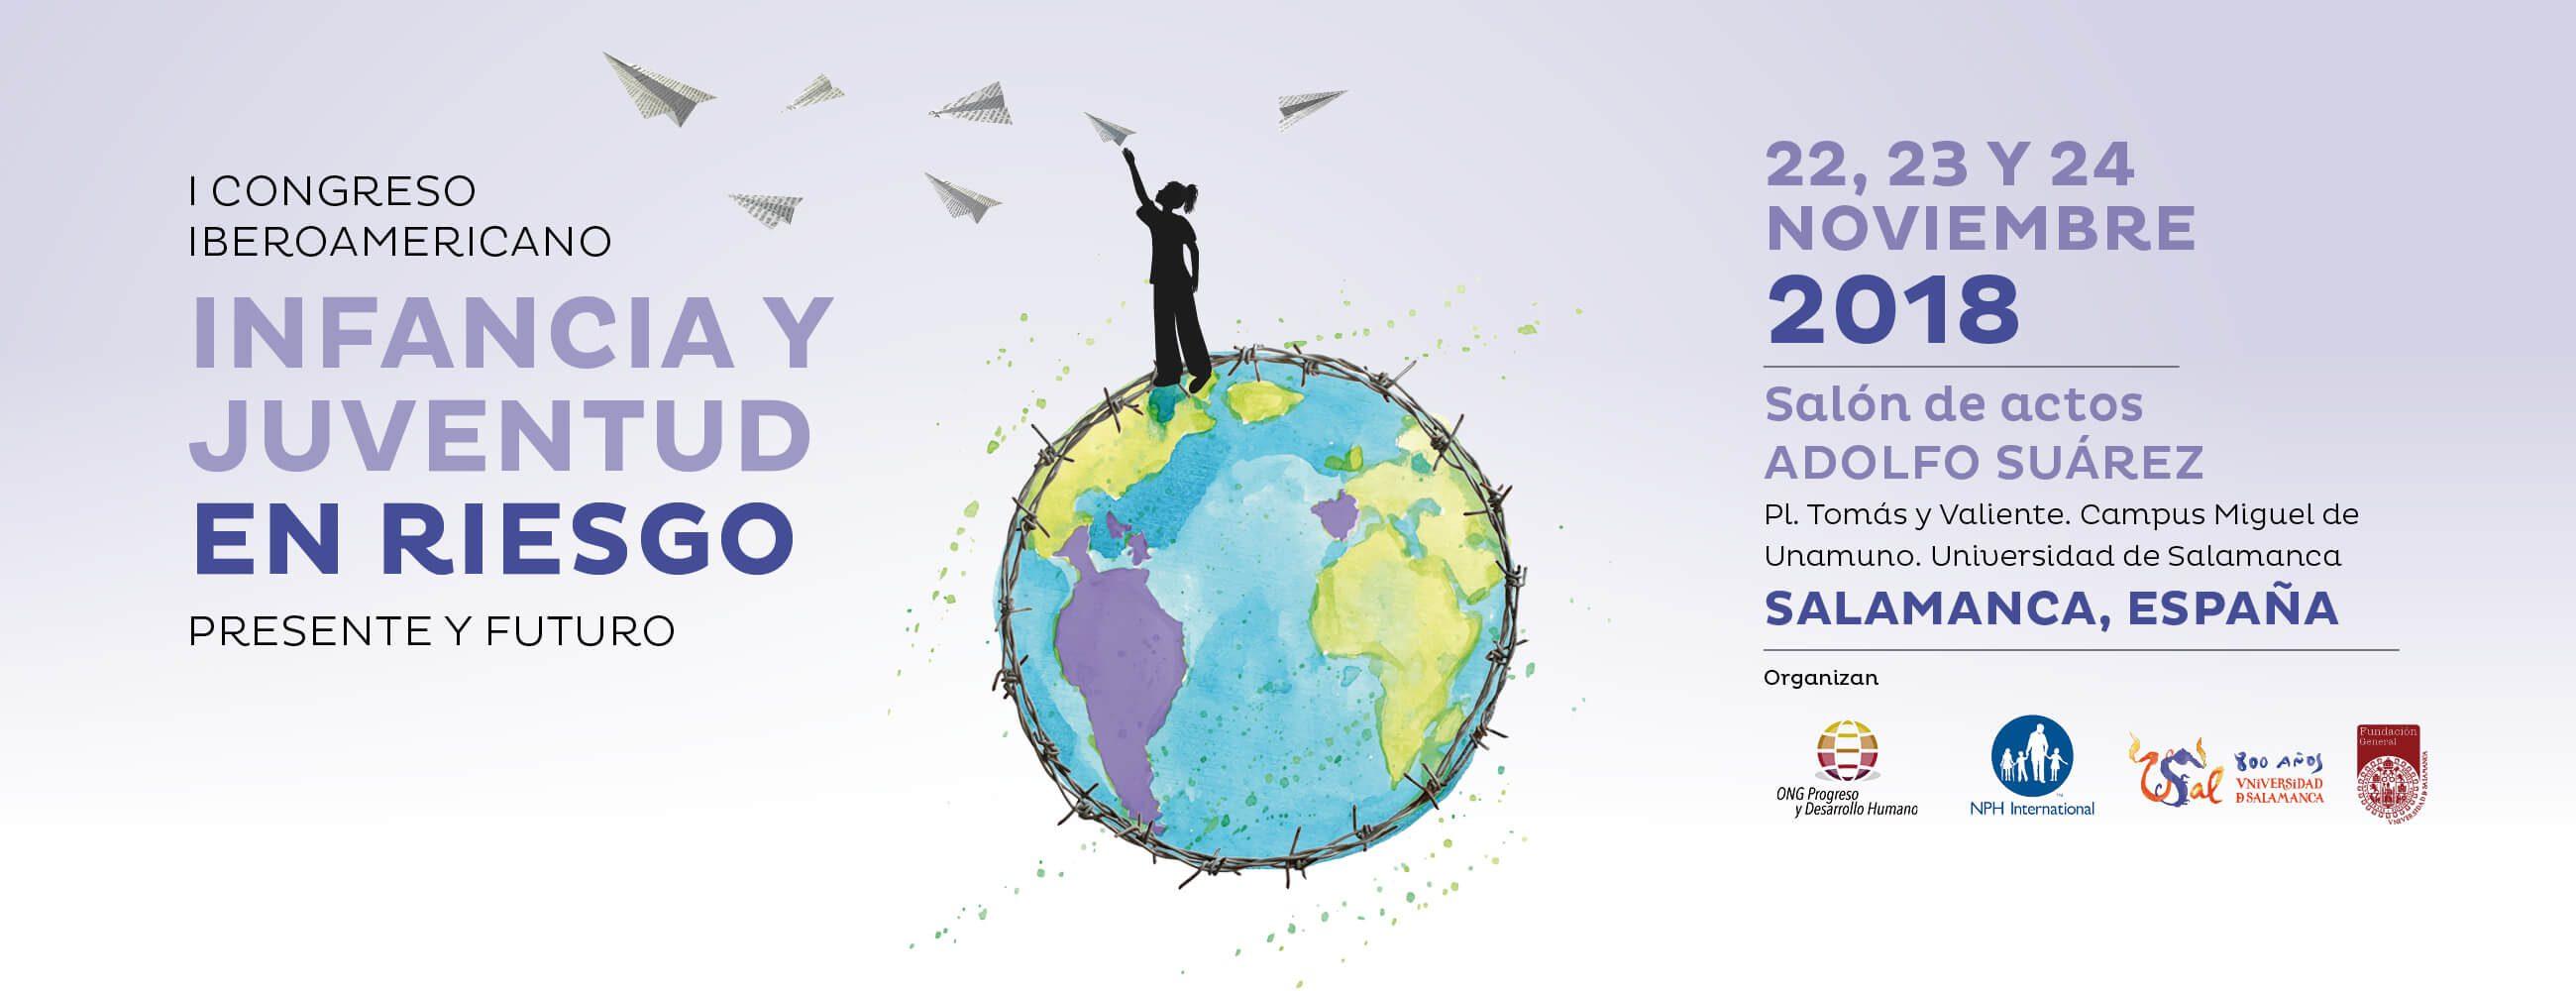 El 'I Congreso Iberoamericano de Infancia y Juventud' tendrá lugar en el Salón de Actos Adolfo Suárez, Campus Miguel de Unamuno, Universidad de Salamanca.